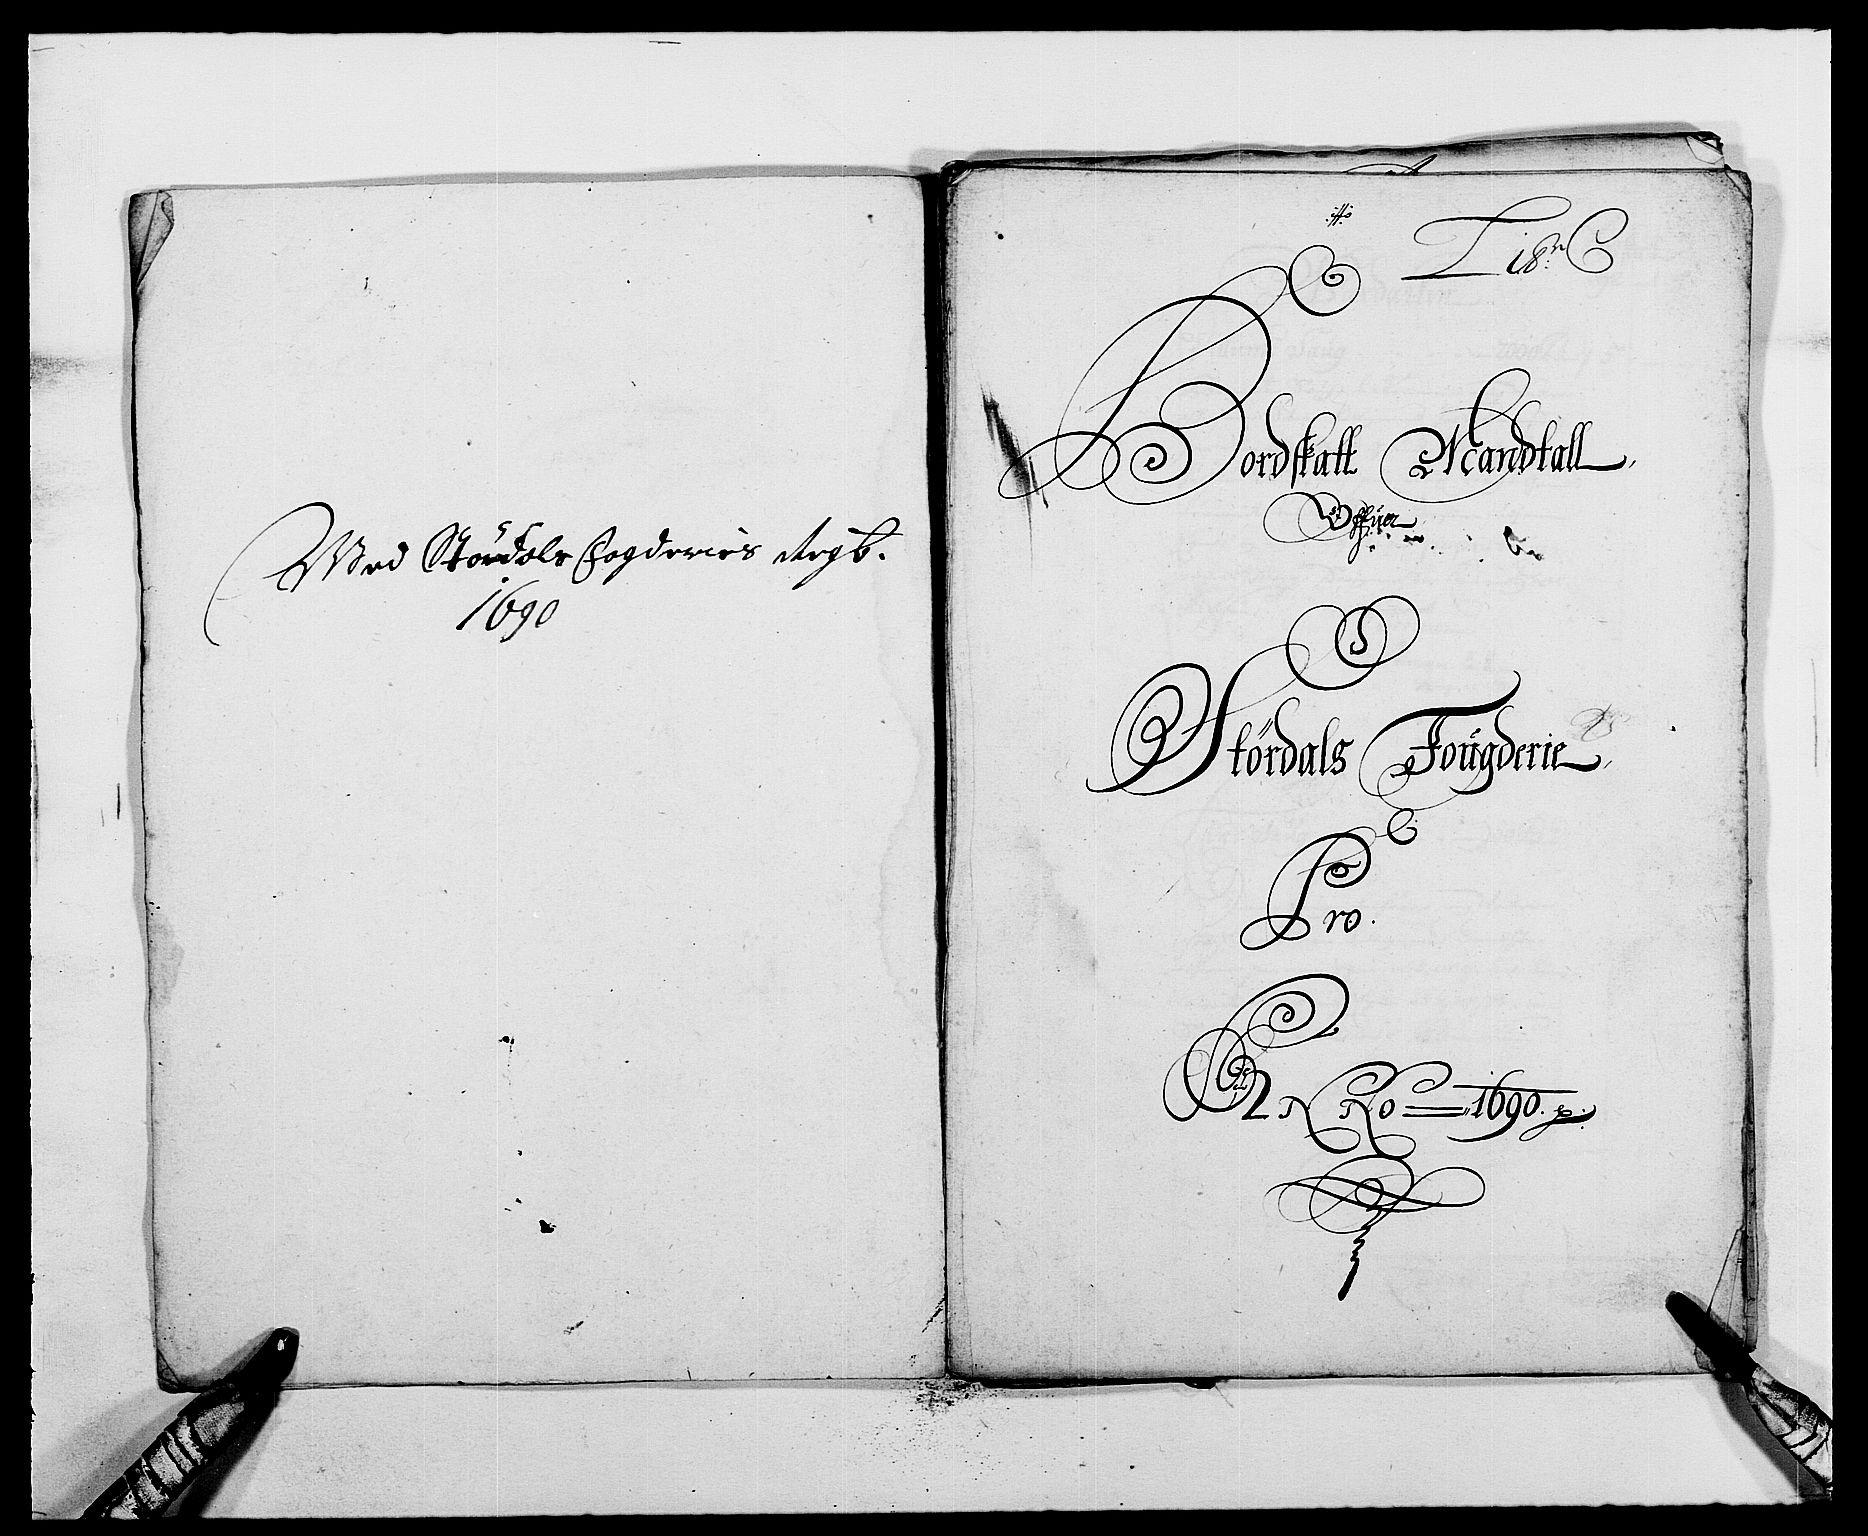 RA, Rentekammeret inntil 1814, Reviderte regnskaper, Fogderegnskap, R62/L4184: Fogderegnskap Stjørdal og Verdal, 1690-1691, s. 78